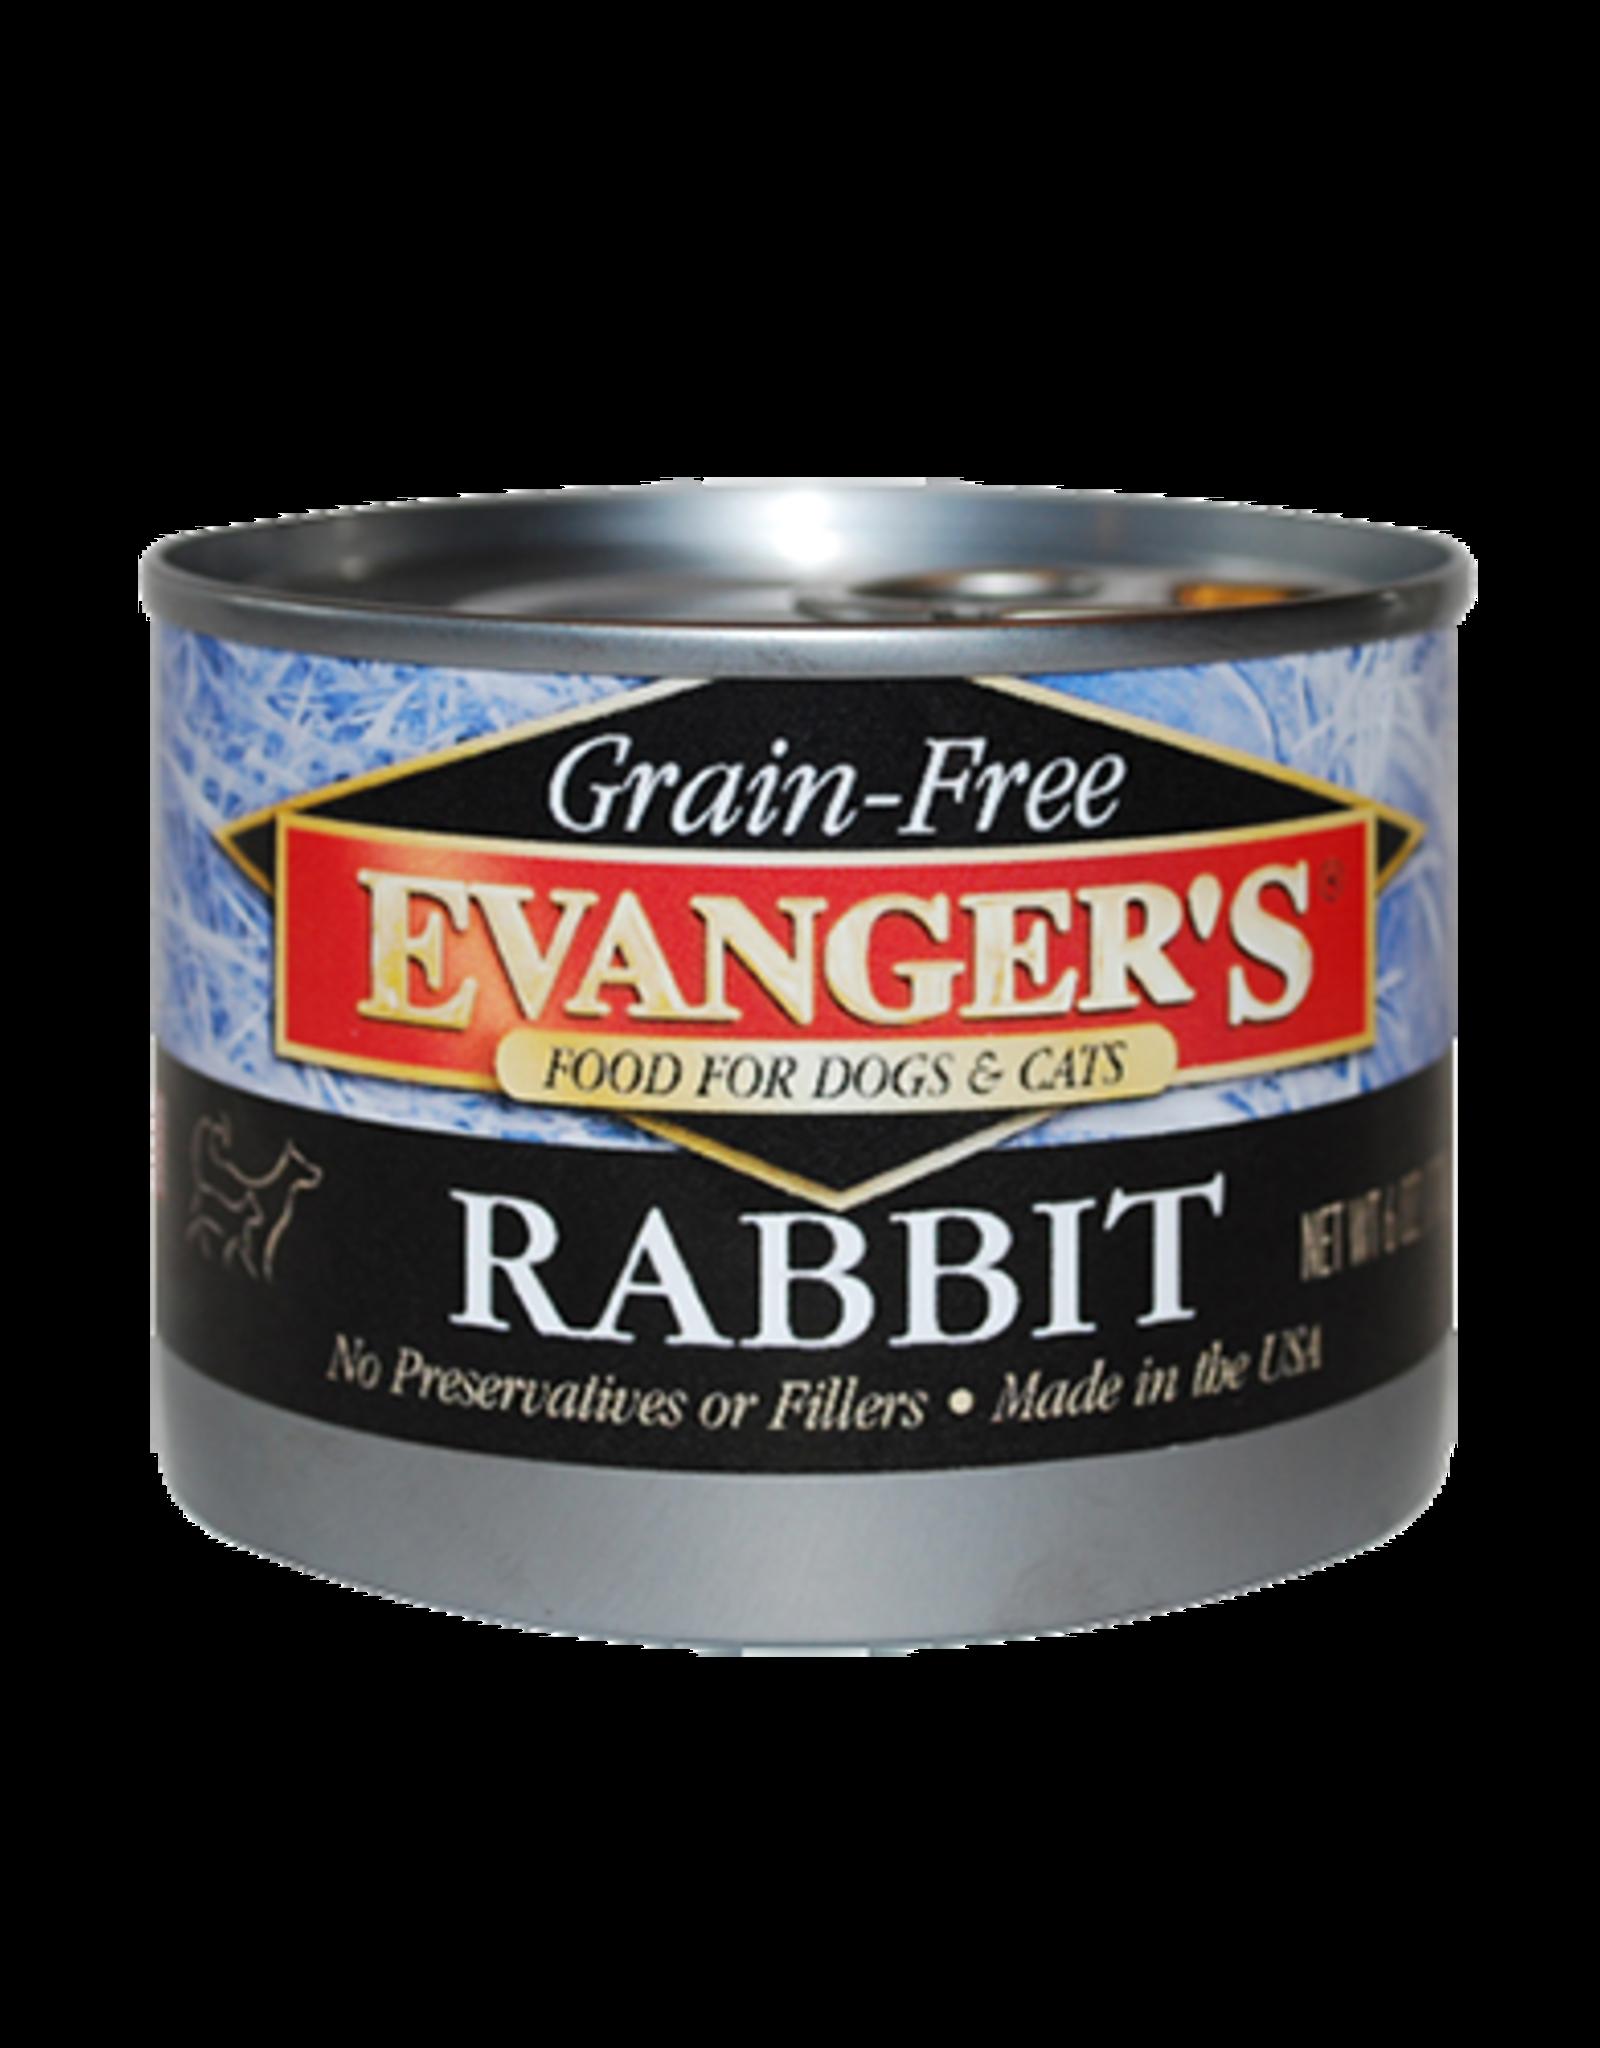 EVANGER'S EVANGERS GRAIN FREE RABBIT 6OZ CASE OF 24